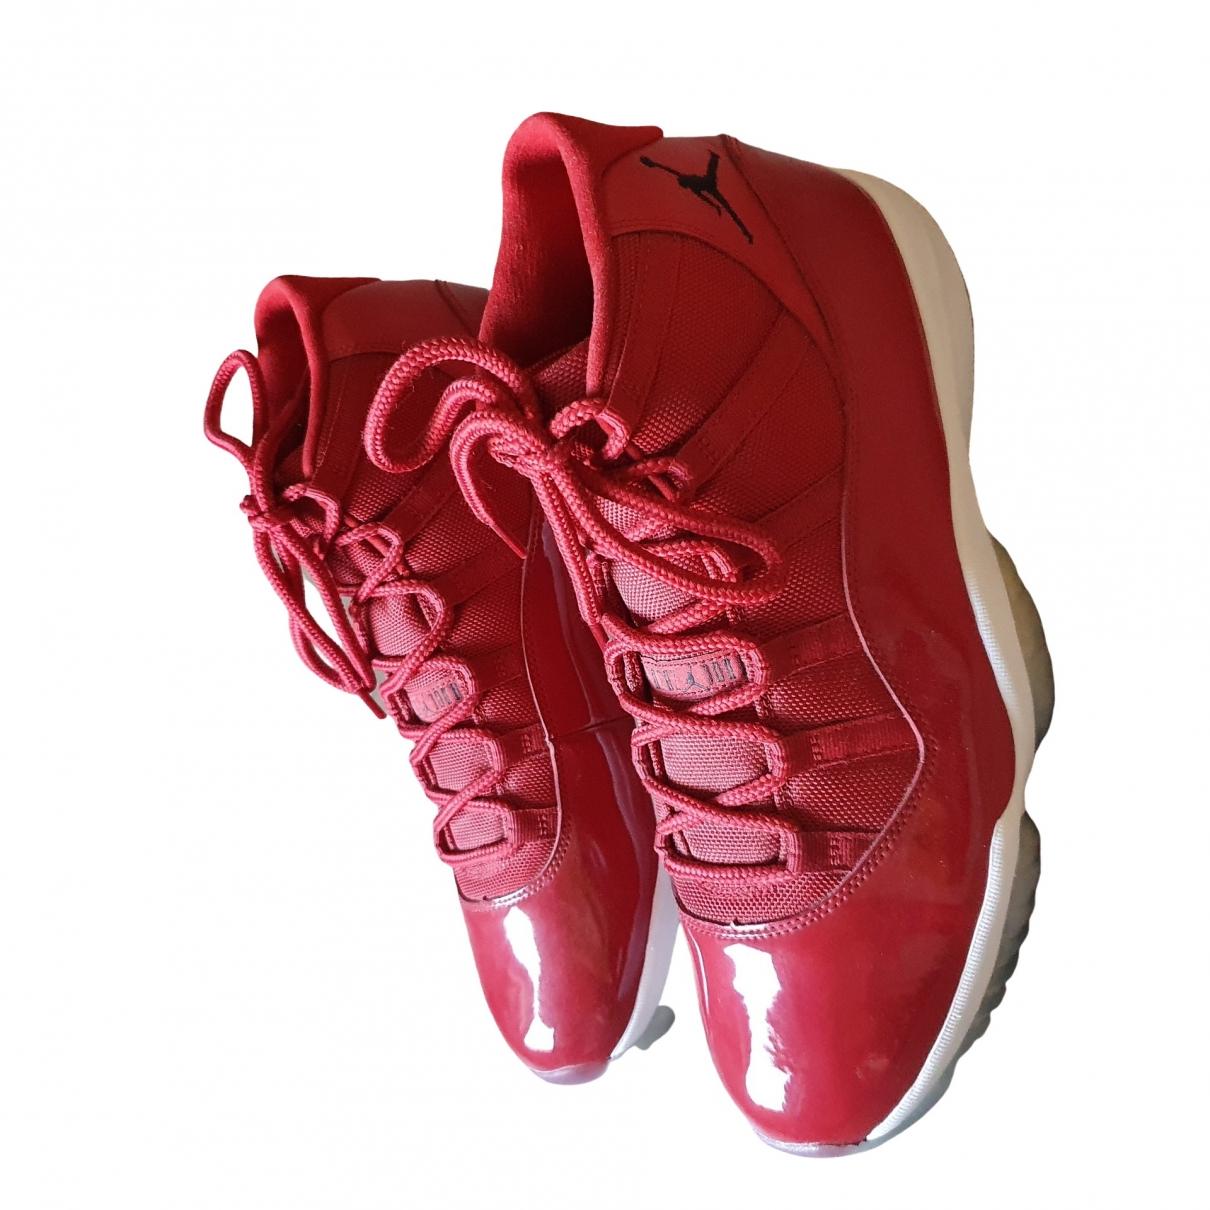 Jordan - Baskets Air Jordan 11 pour homme en cuir verni - rouge